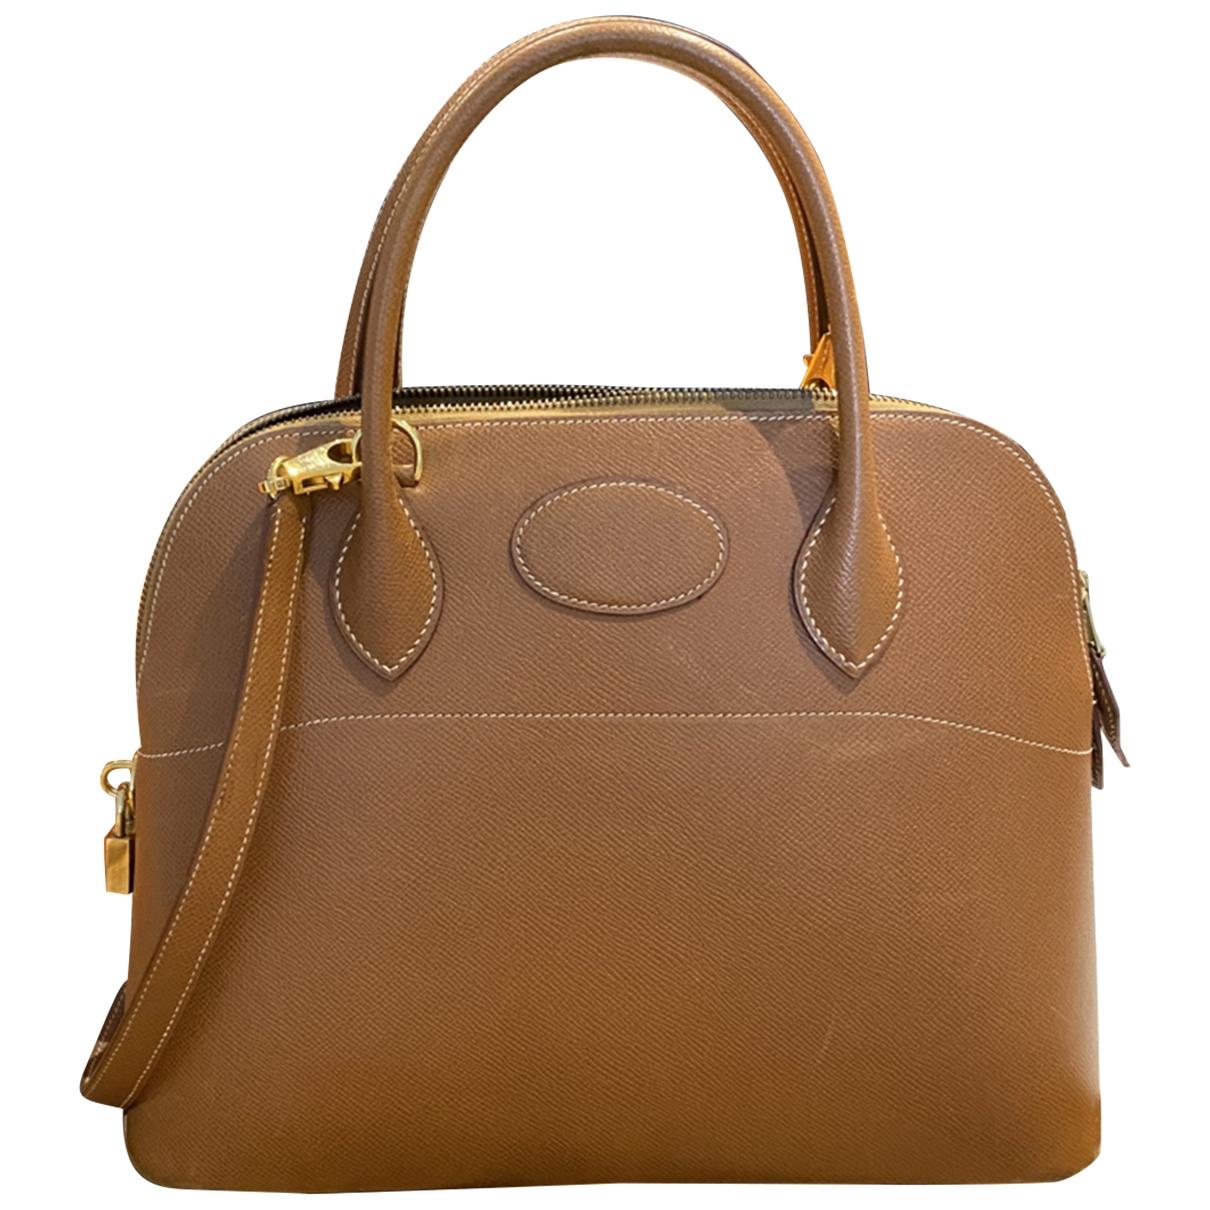 Hermès Bolide Camel Leather handbag for Women \N